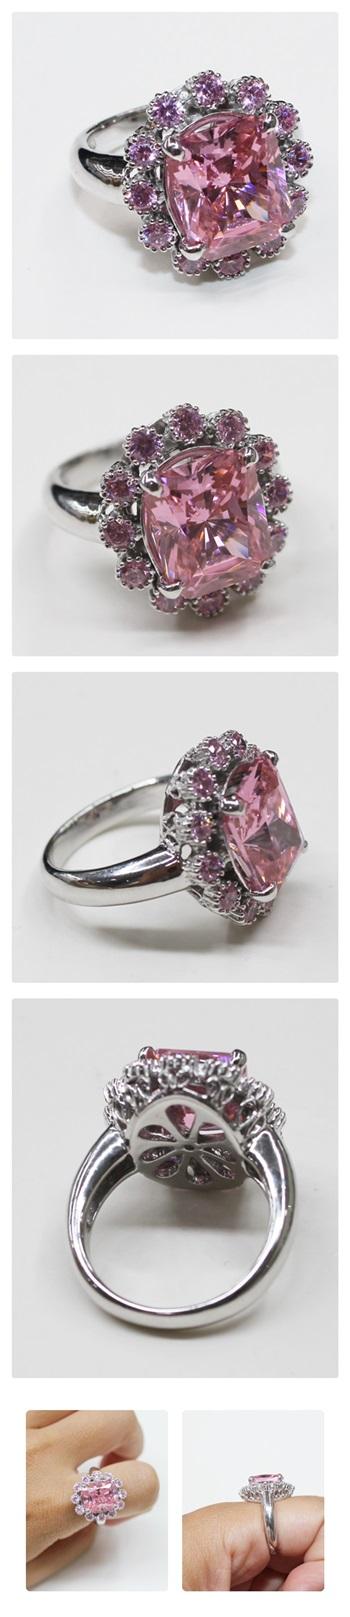 화려한 핑크지르콘 보석반지 - 오이수공예, 430,000원, 실버, 진주/원석반지